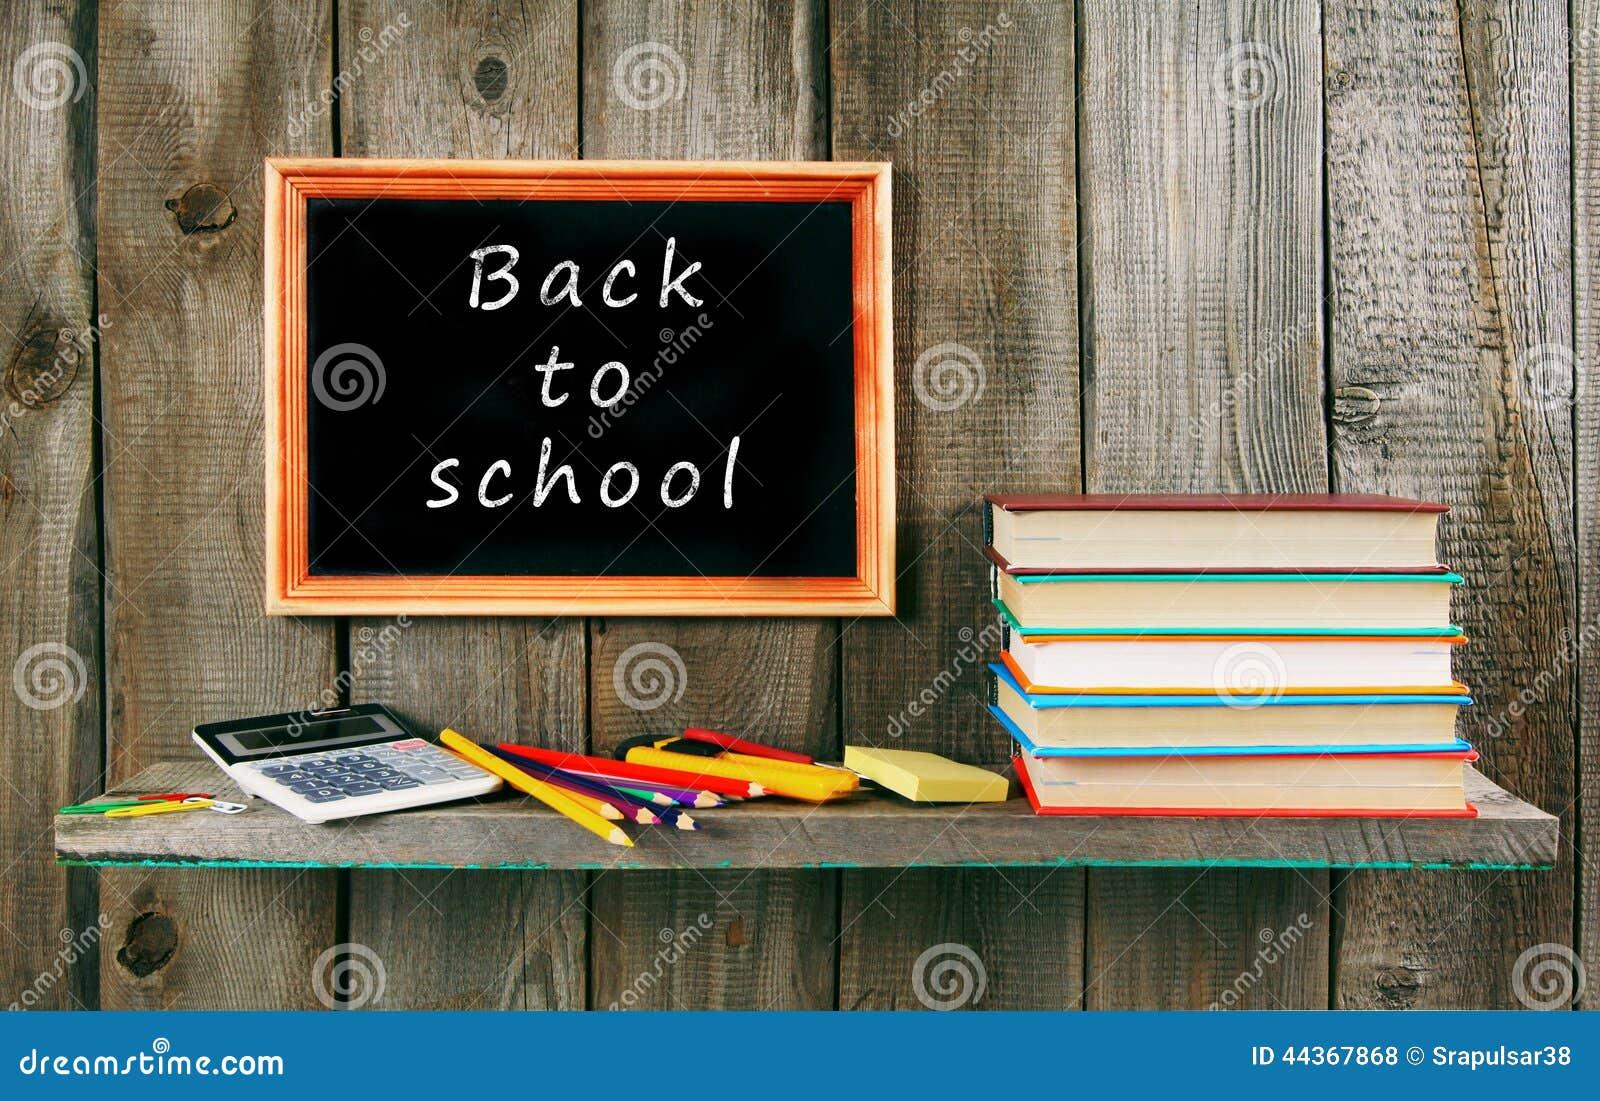 Libri e strumenti della scuola su fondo di legno